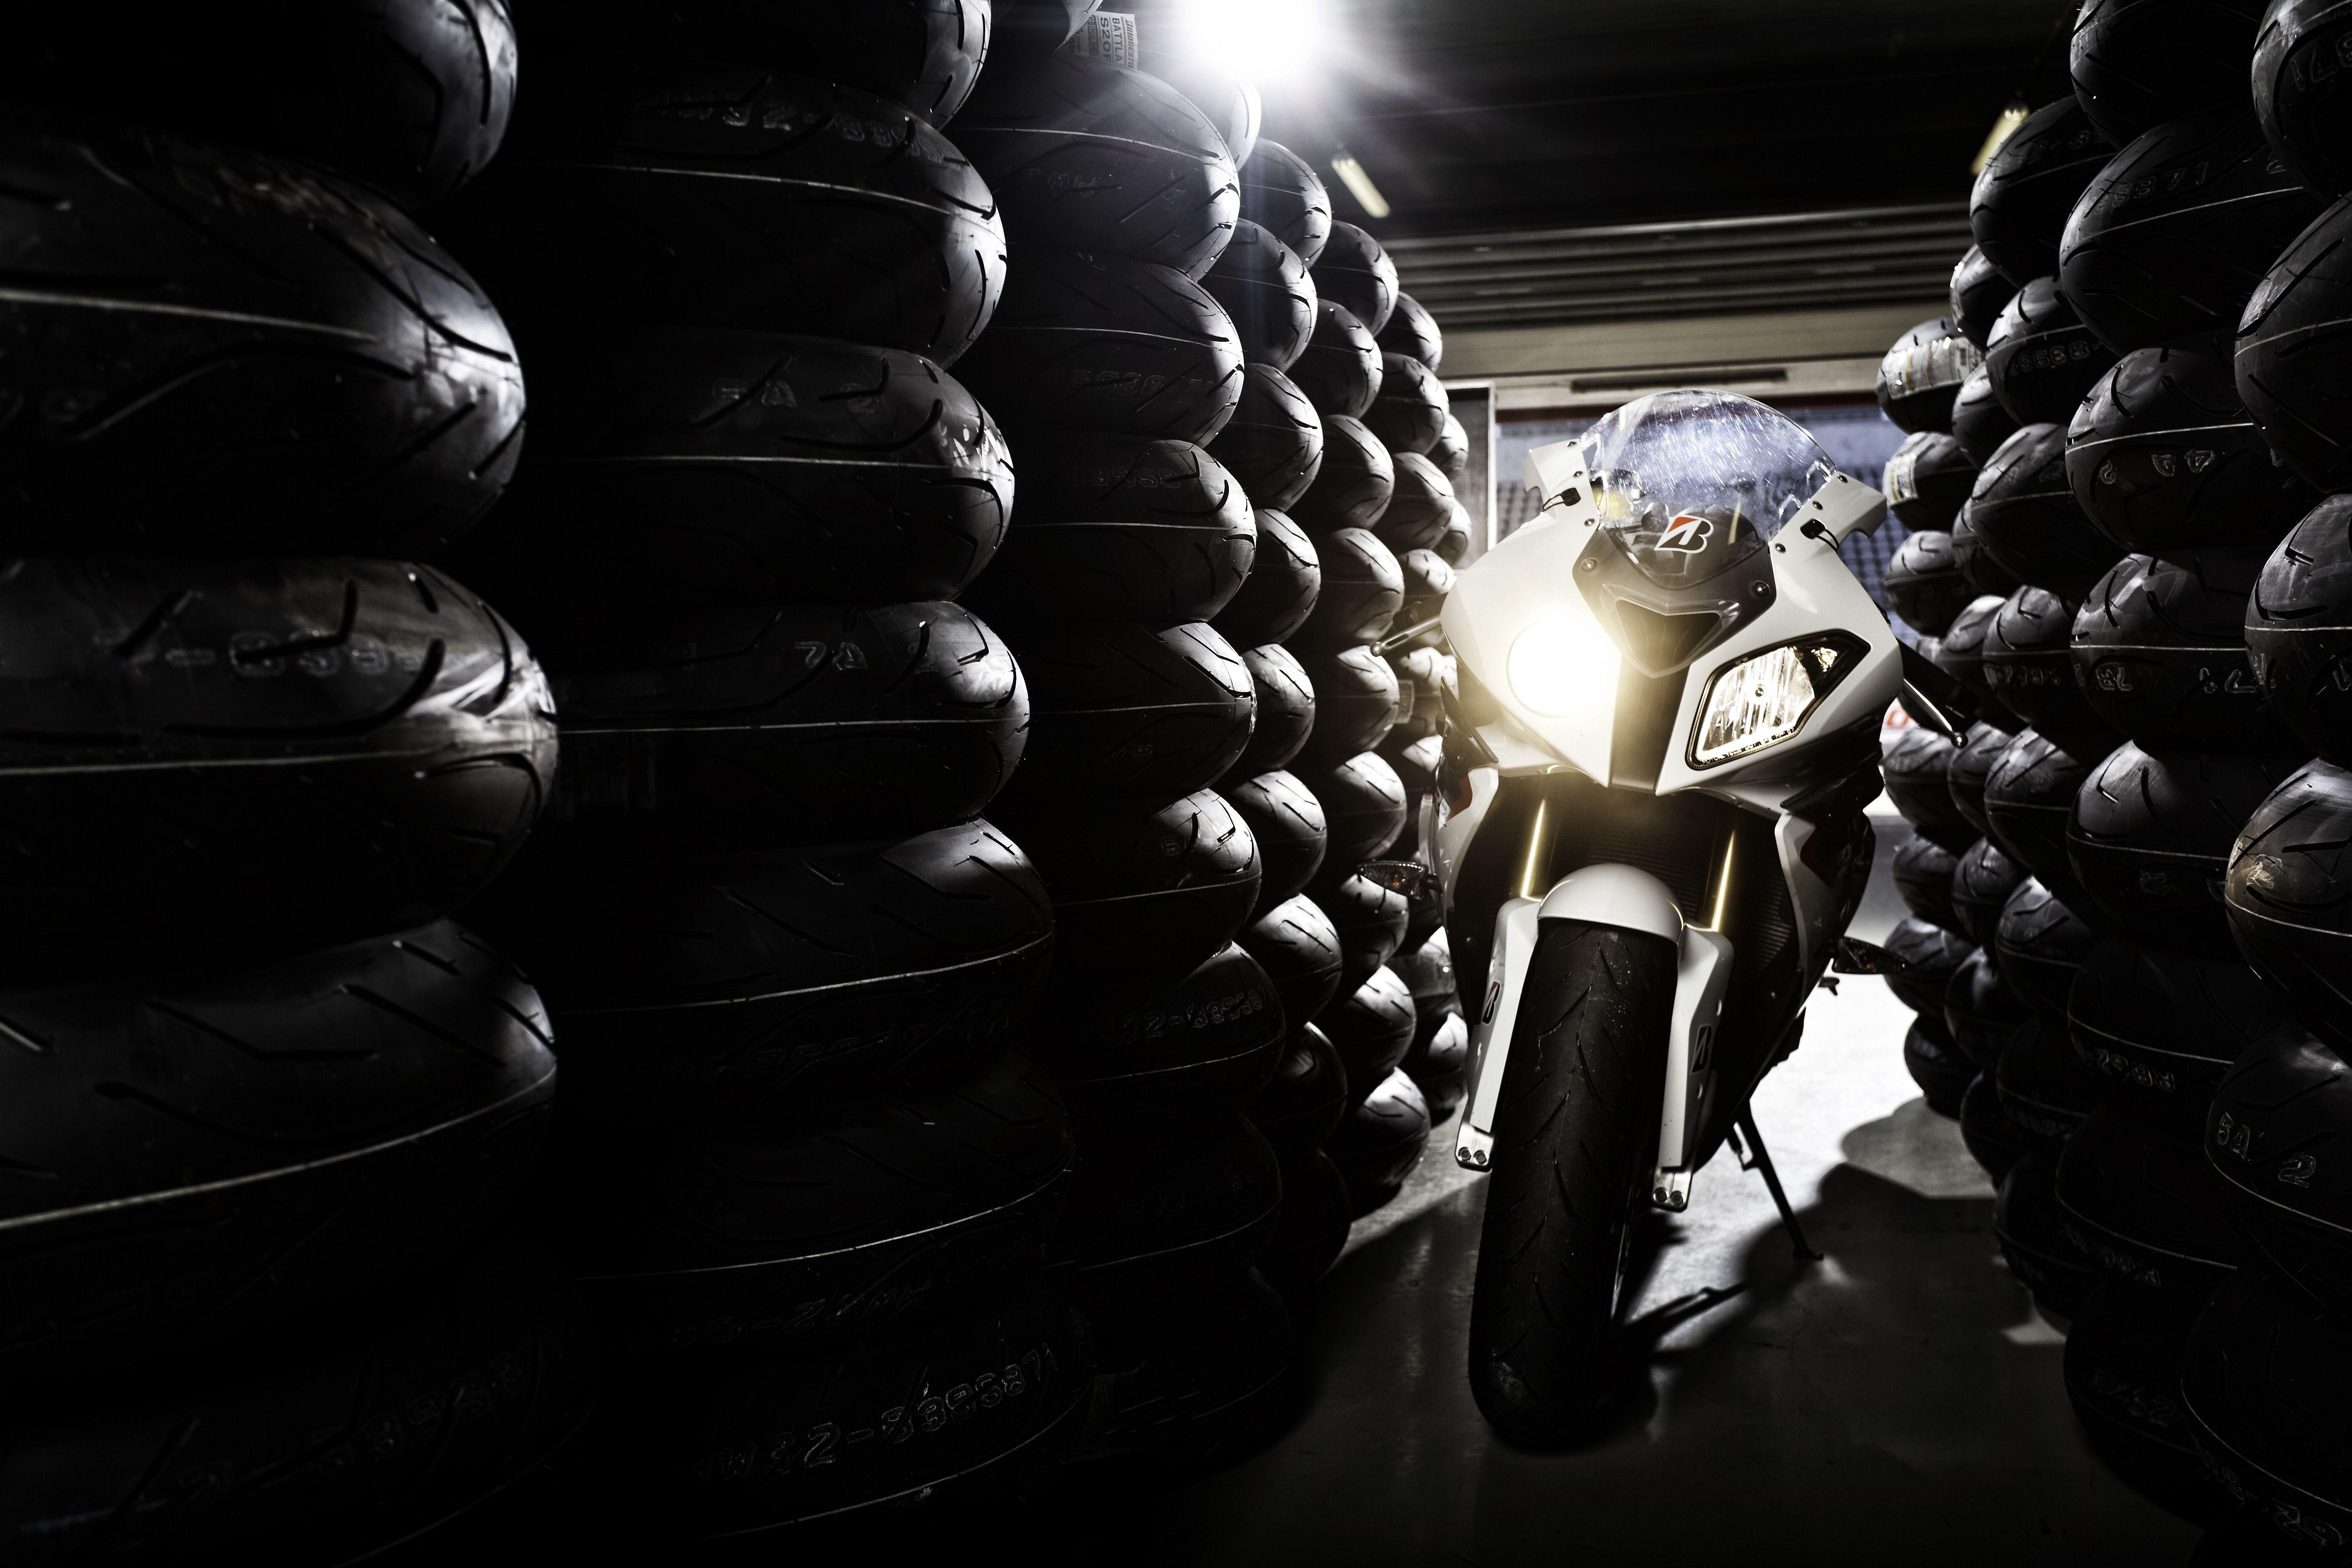 Bridgestone Battlax S20 http//moto.bridgestone.eu